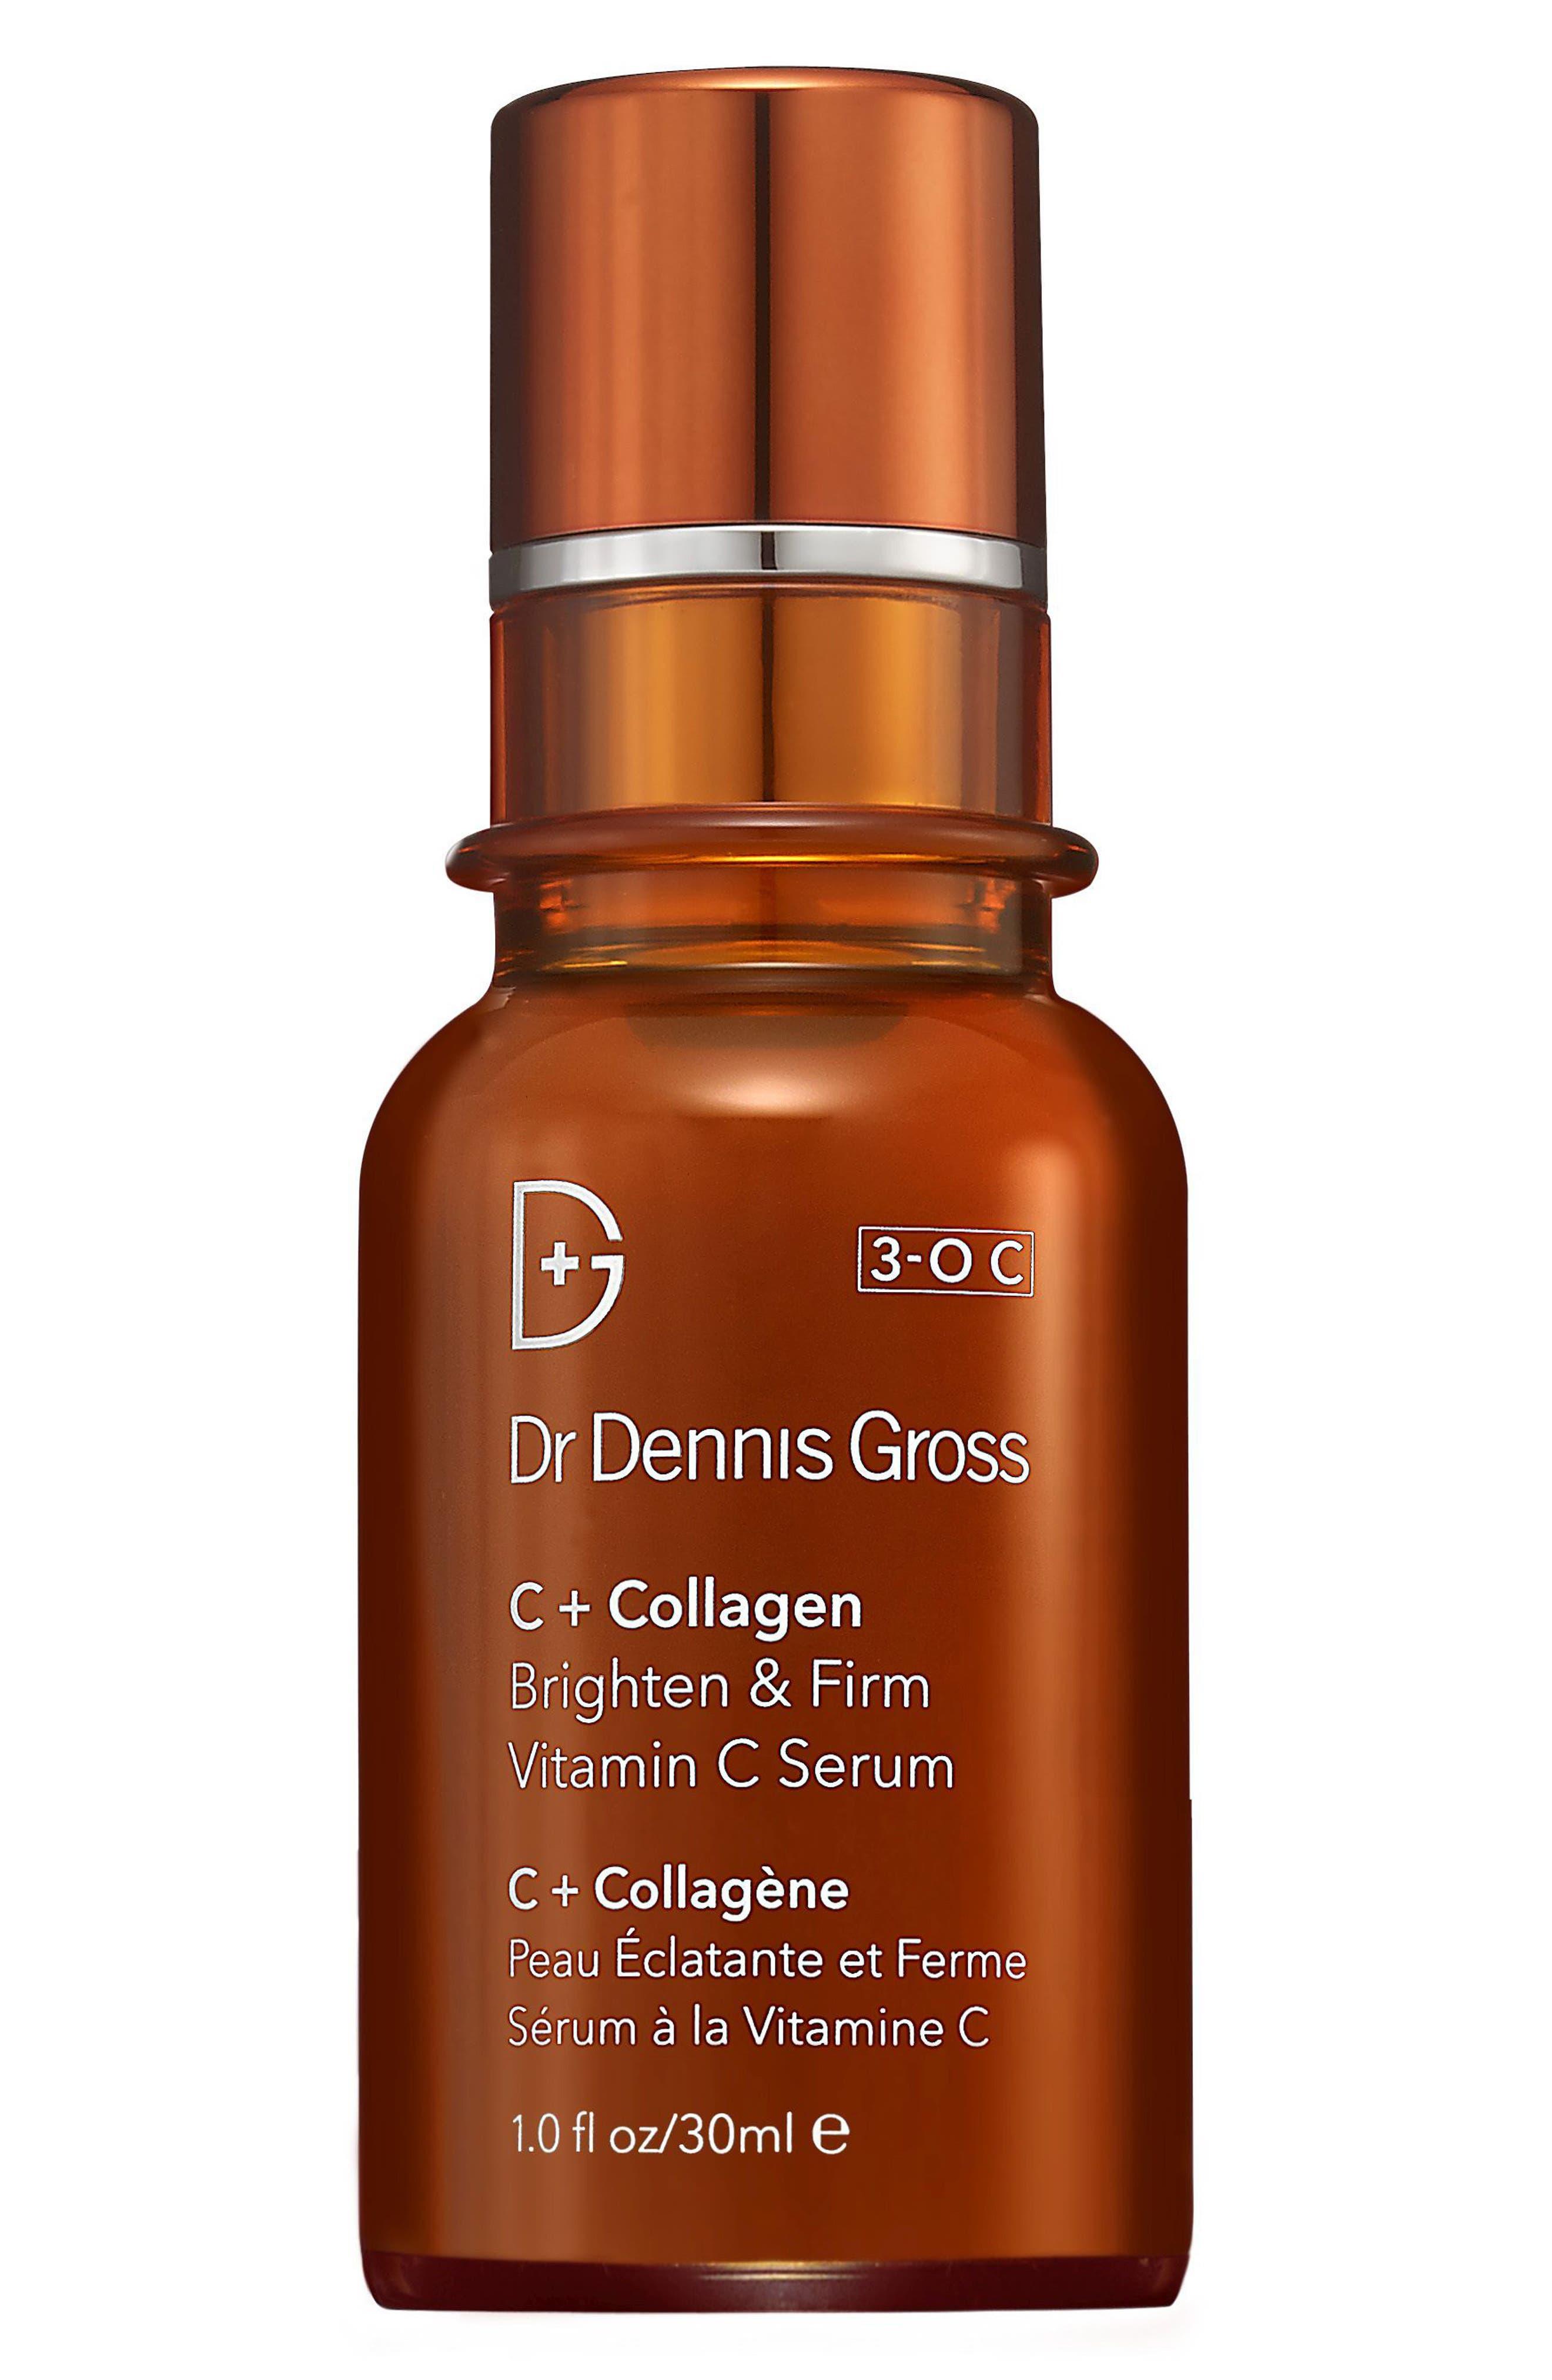 Skincare C+ Collagen Brighten & Firm Vitamin C Serum